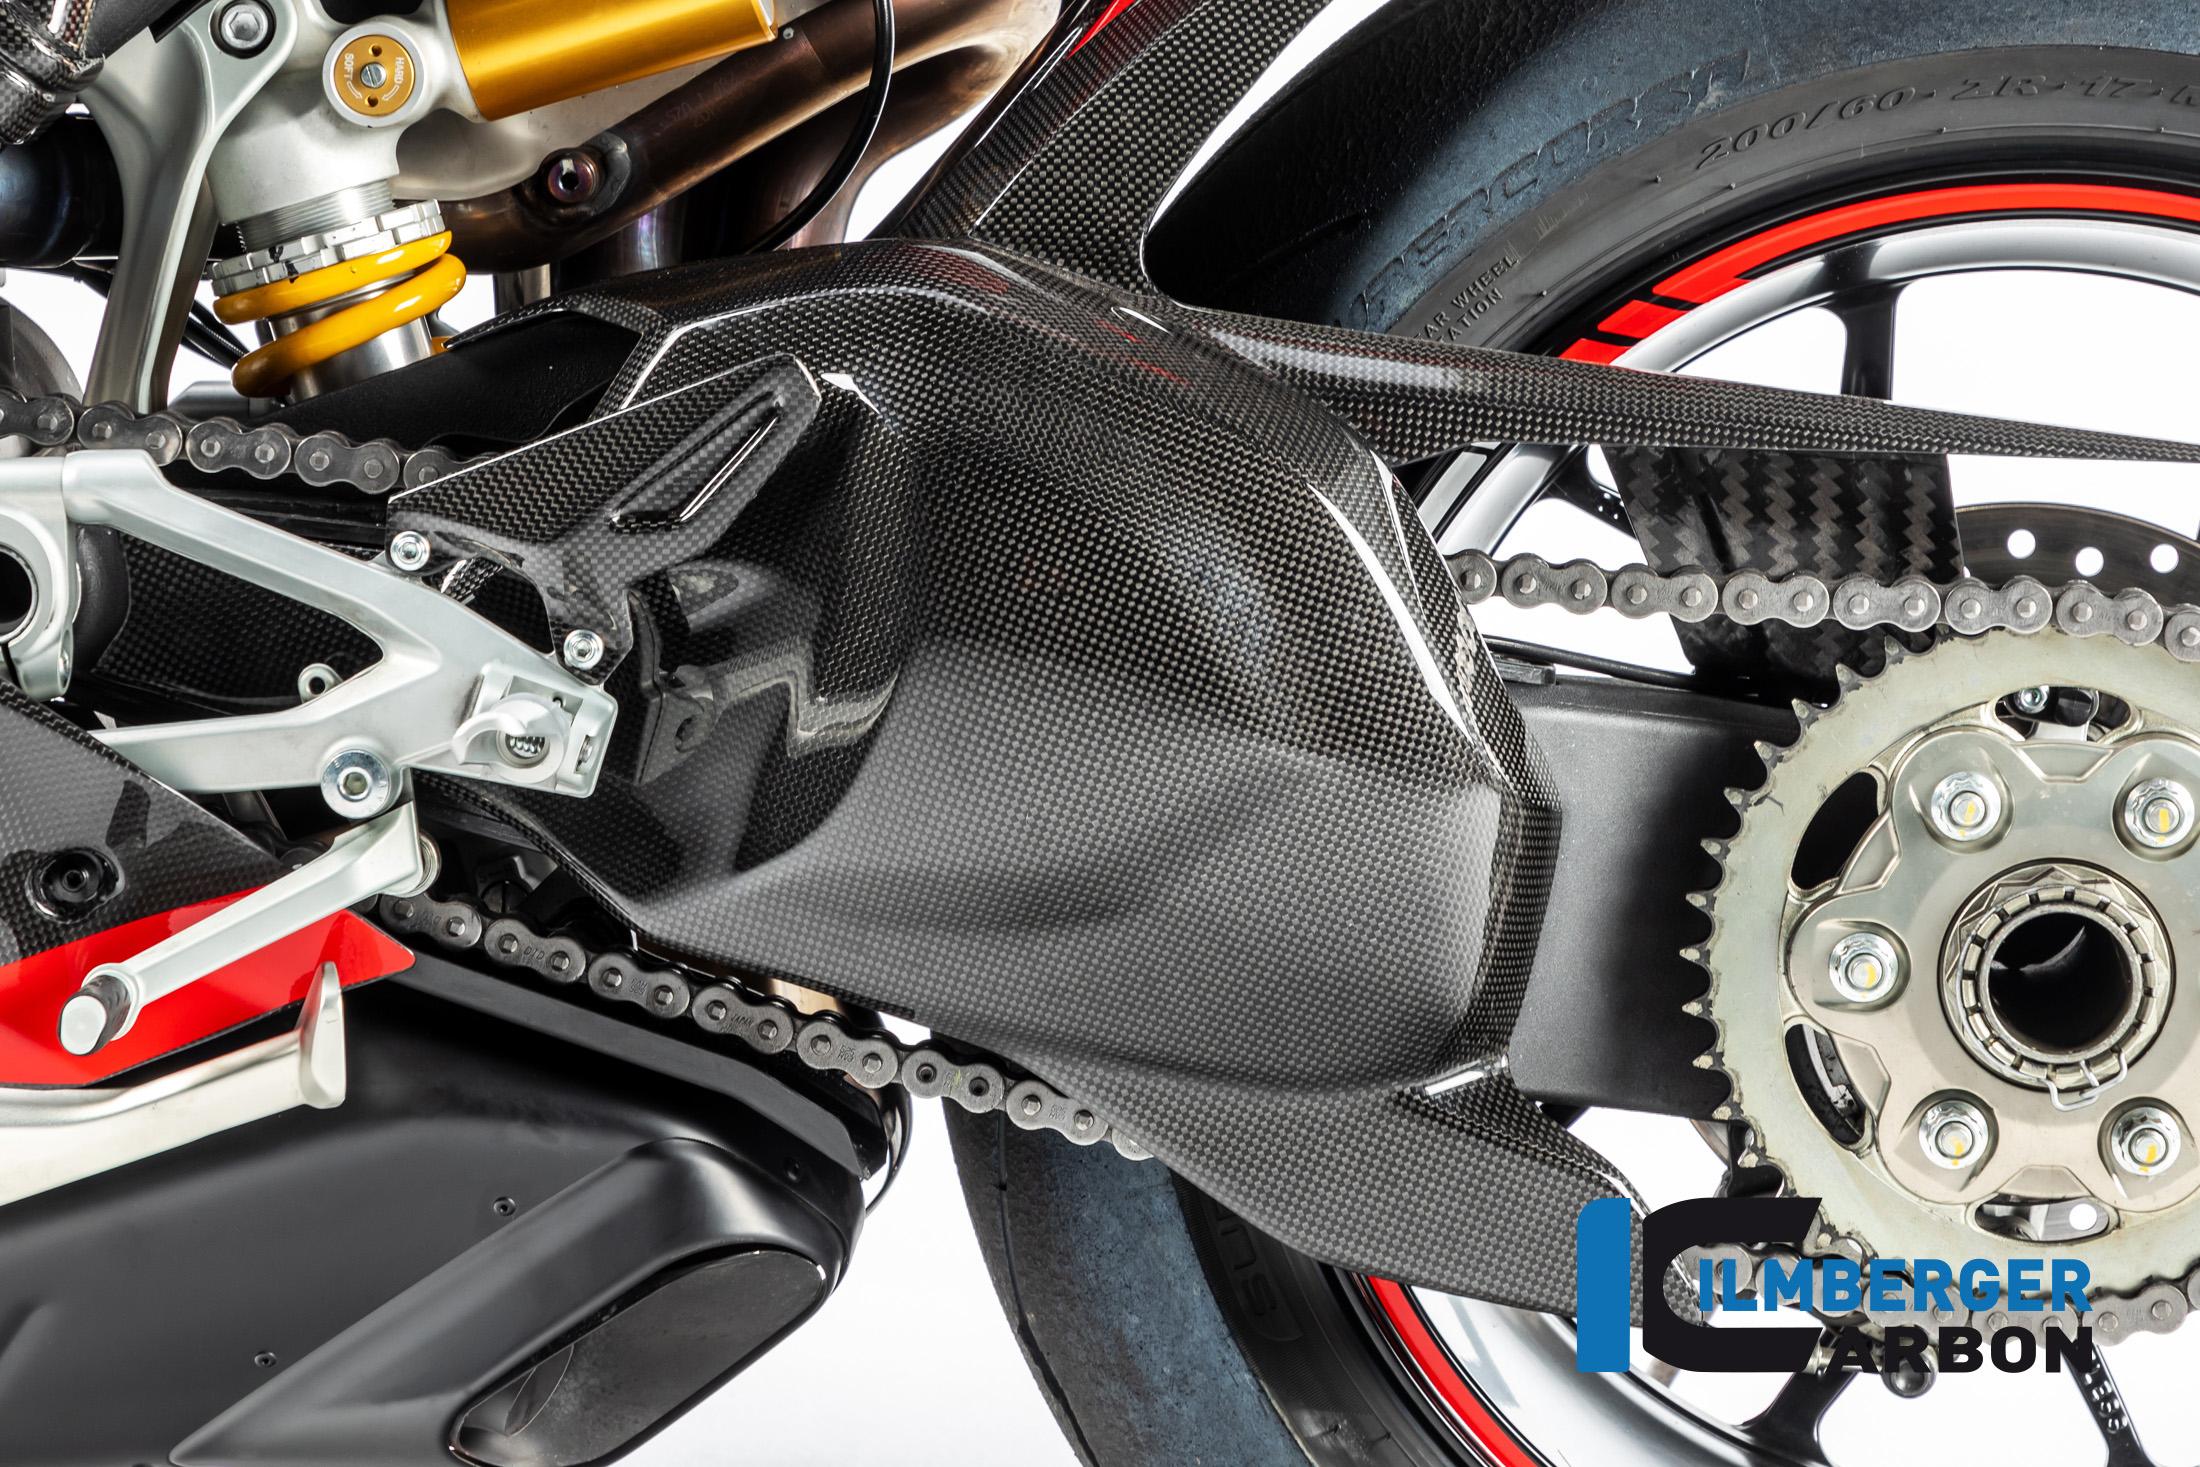 Ilmberger carbon fibre kit for V4 released